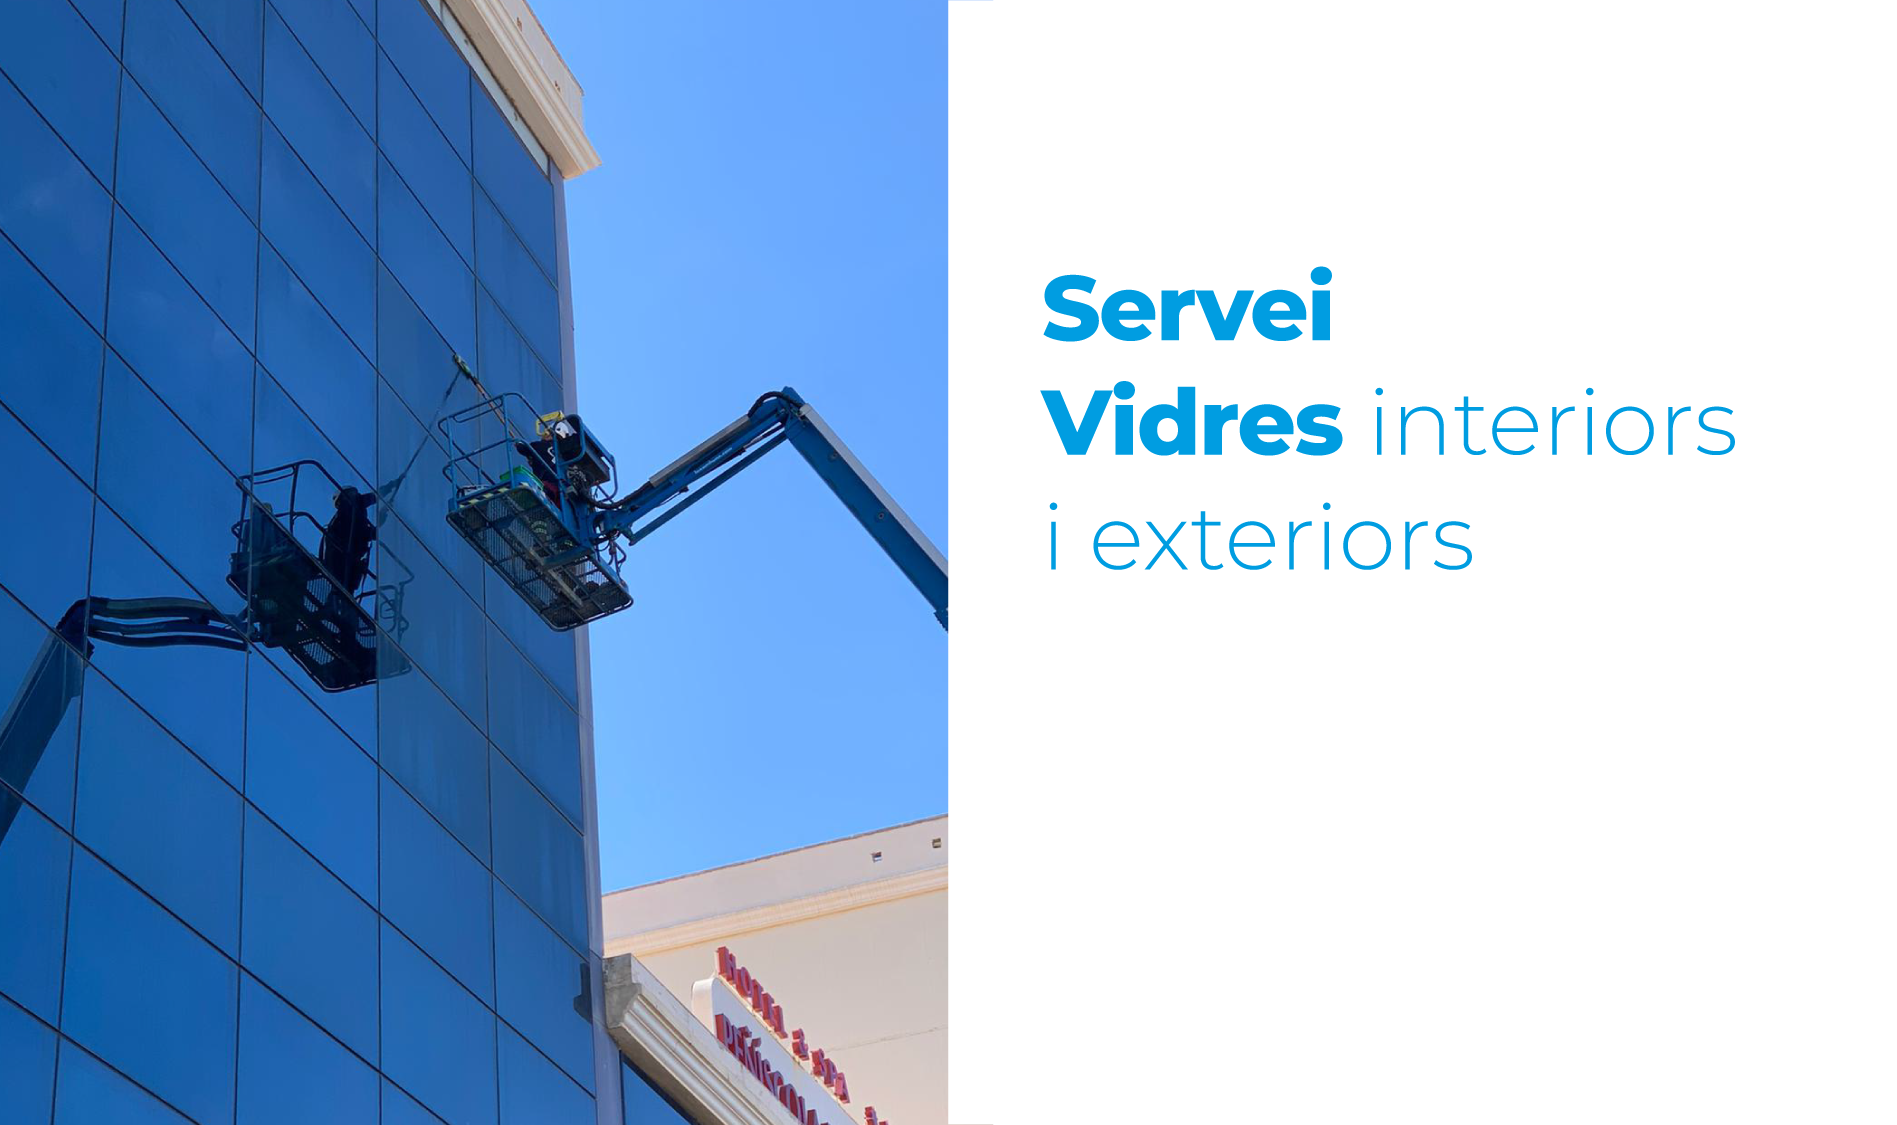 Servei Vidres interiors i exteriors